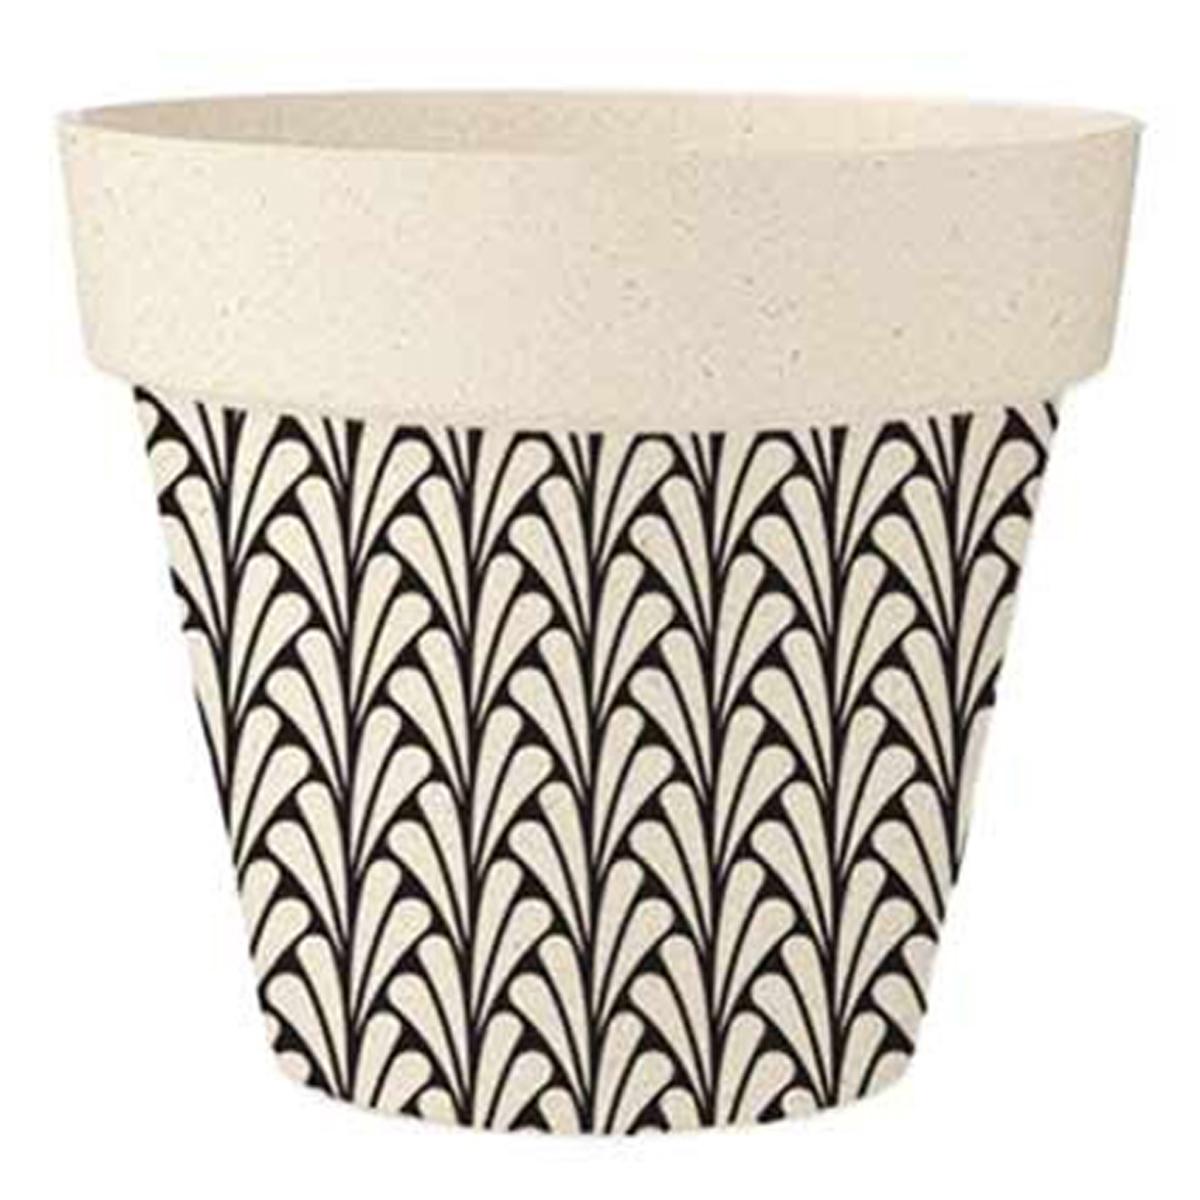 Cache-pot bambou \'Boho\' noir beige -  14x12 cm - [A1631]